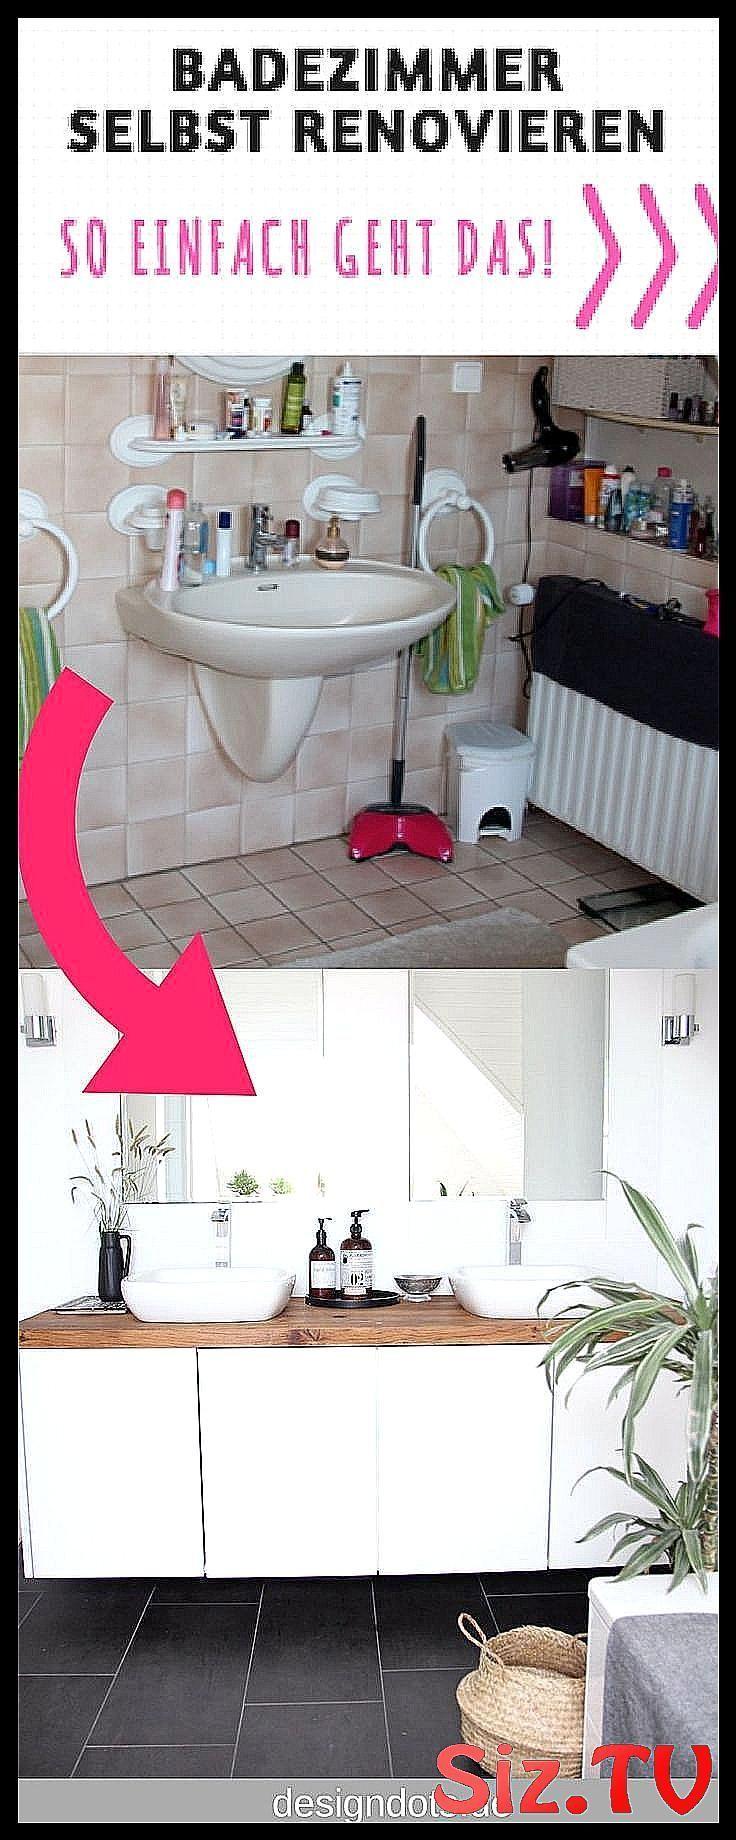 badezimmer renovieren mietwohnung Badezimmer selbst renovieren